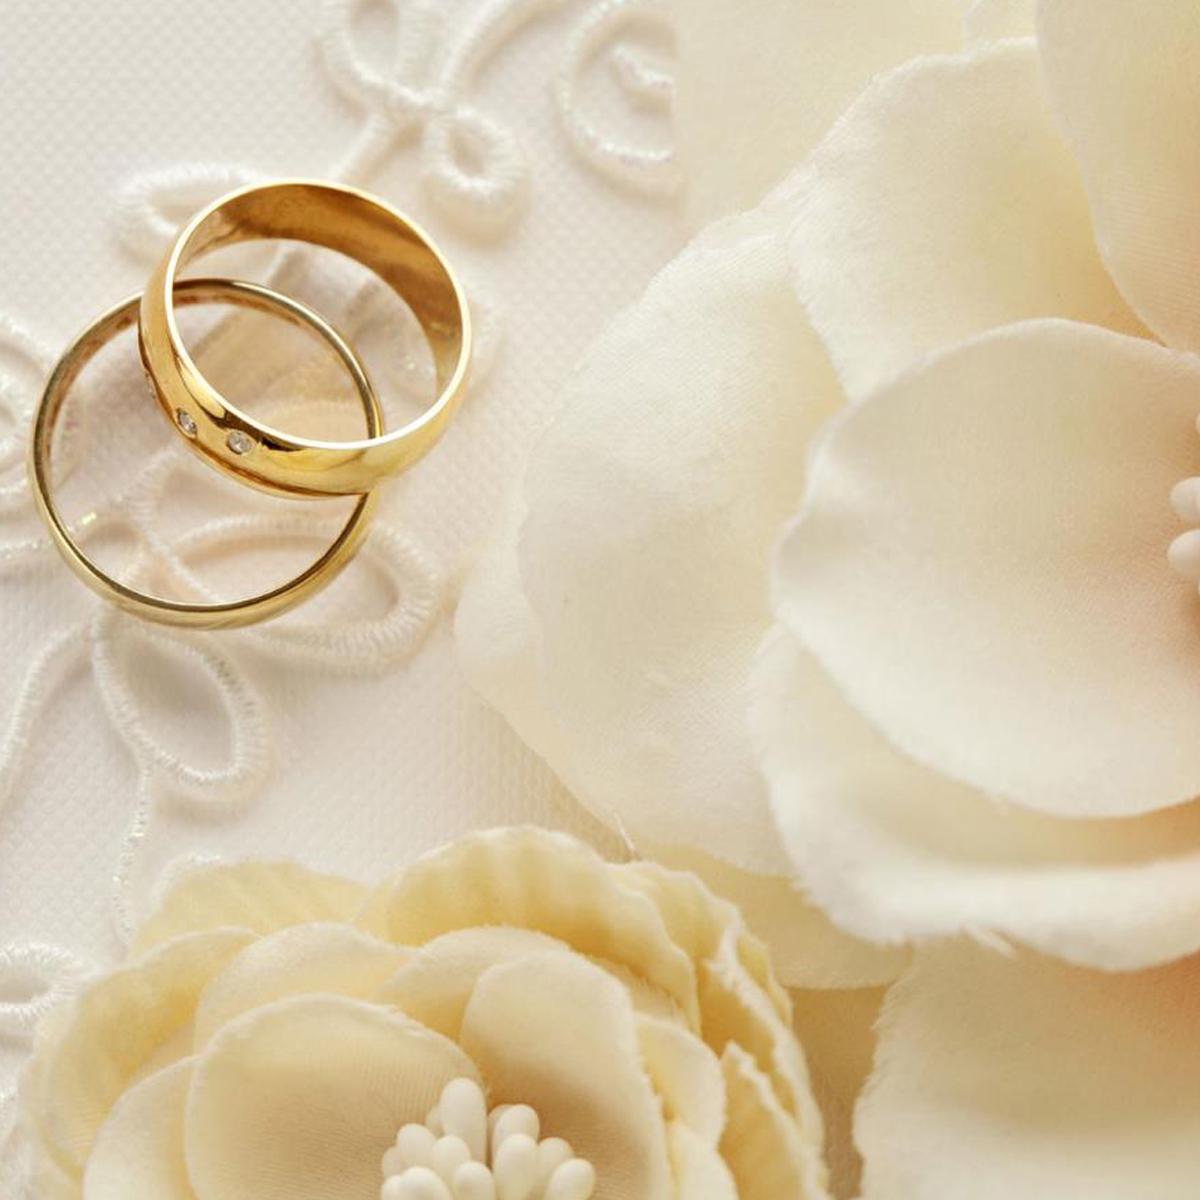 bomboniere nozze doro